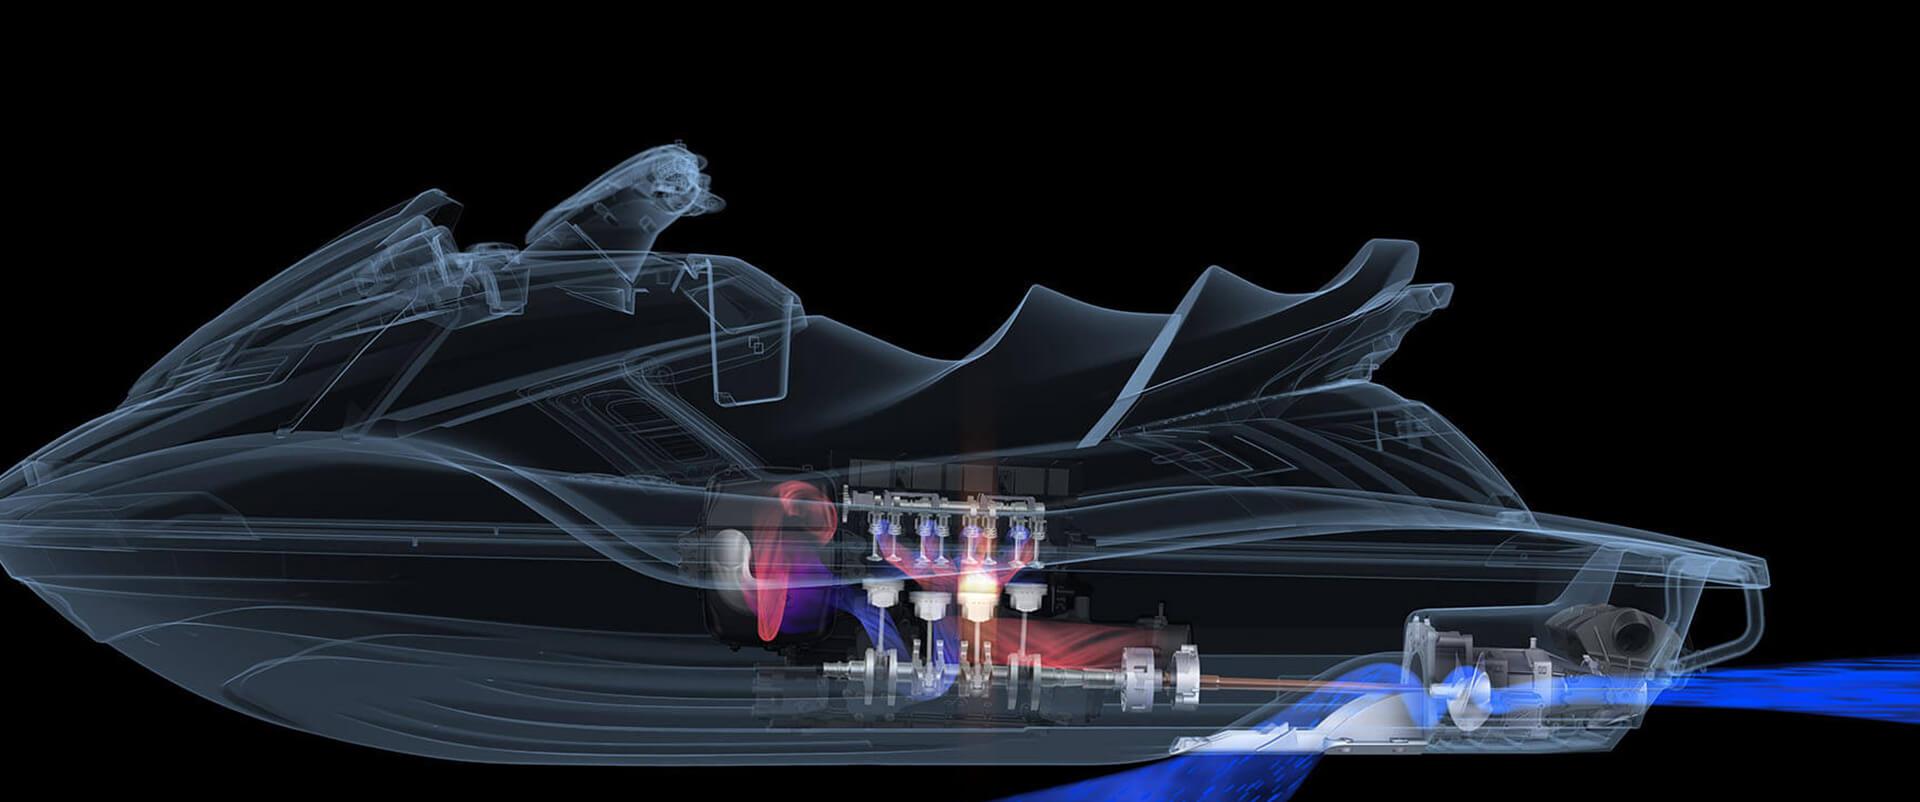 Yamaha Jet Ski Rebuild Machanics